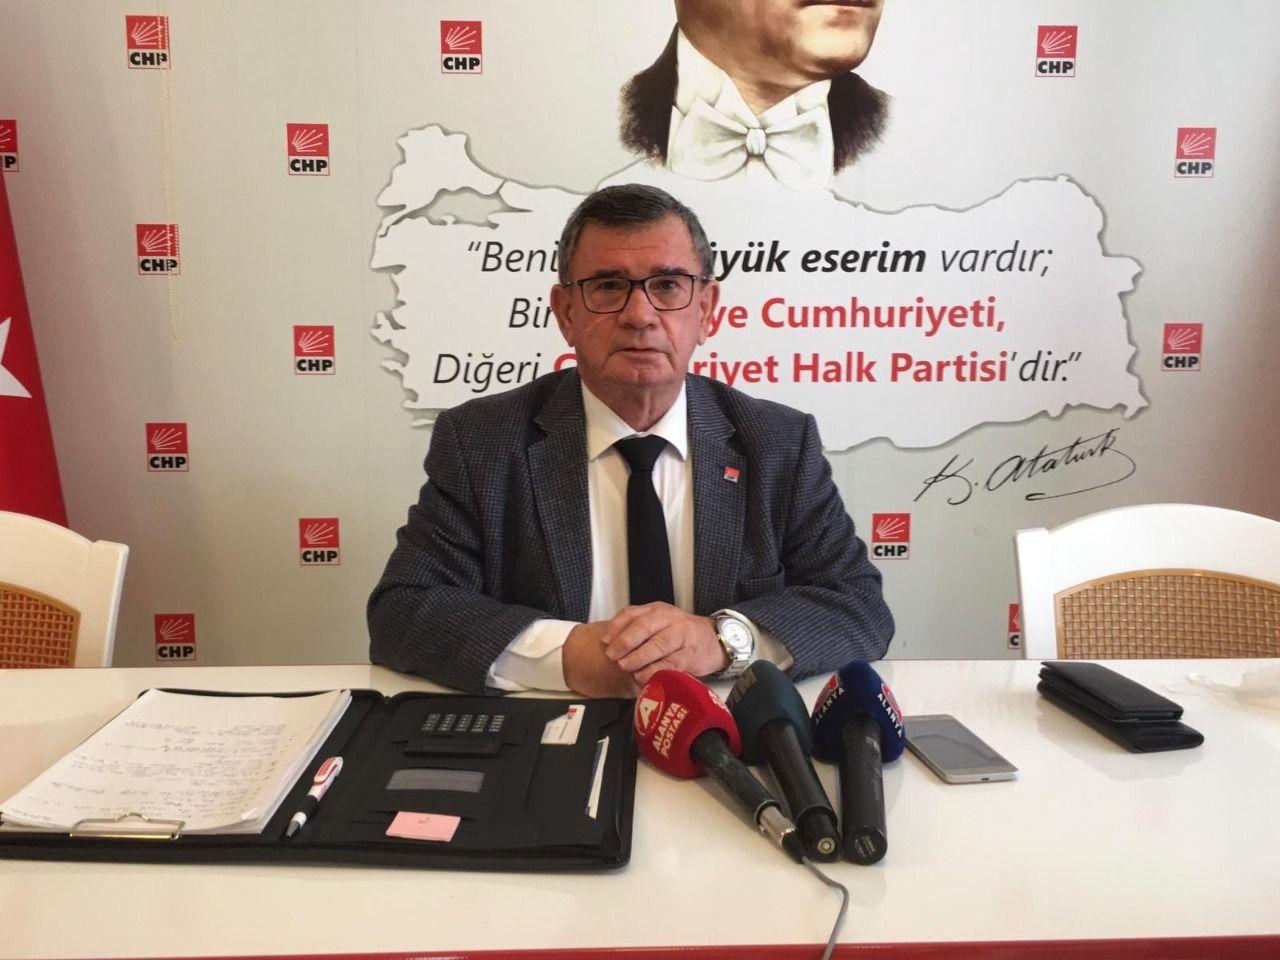 CHP İlçe Başkanı Karadağ: yaylalardaki yol ve su sorunu çalışmalarına önümüzdeki hafta başlanacak dedi